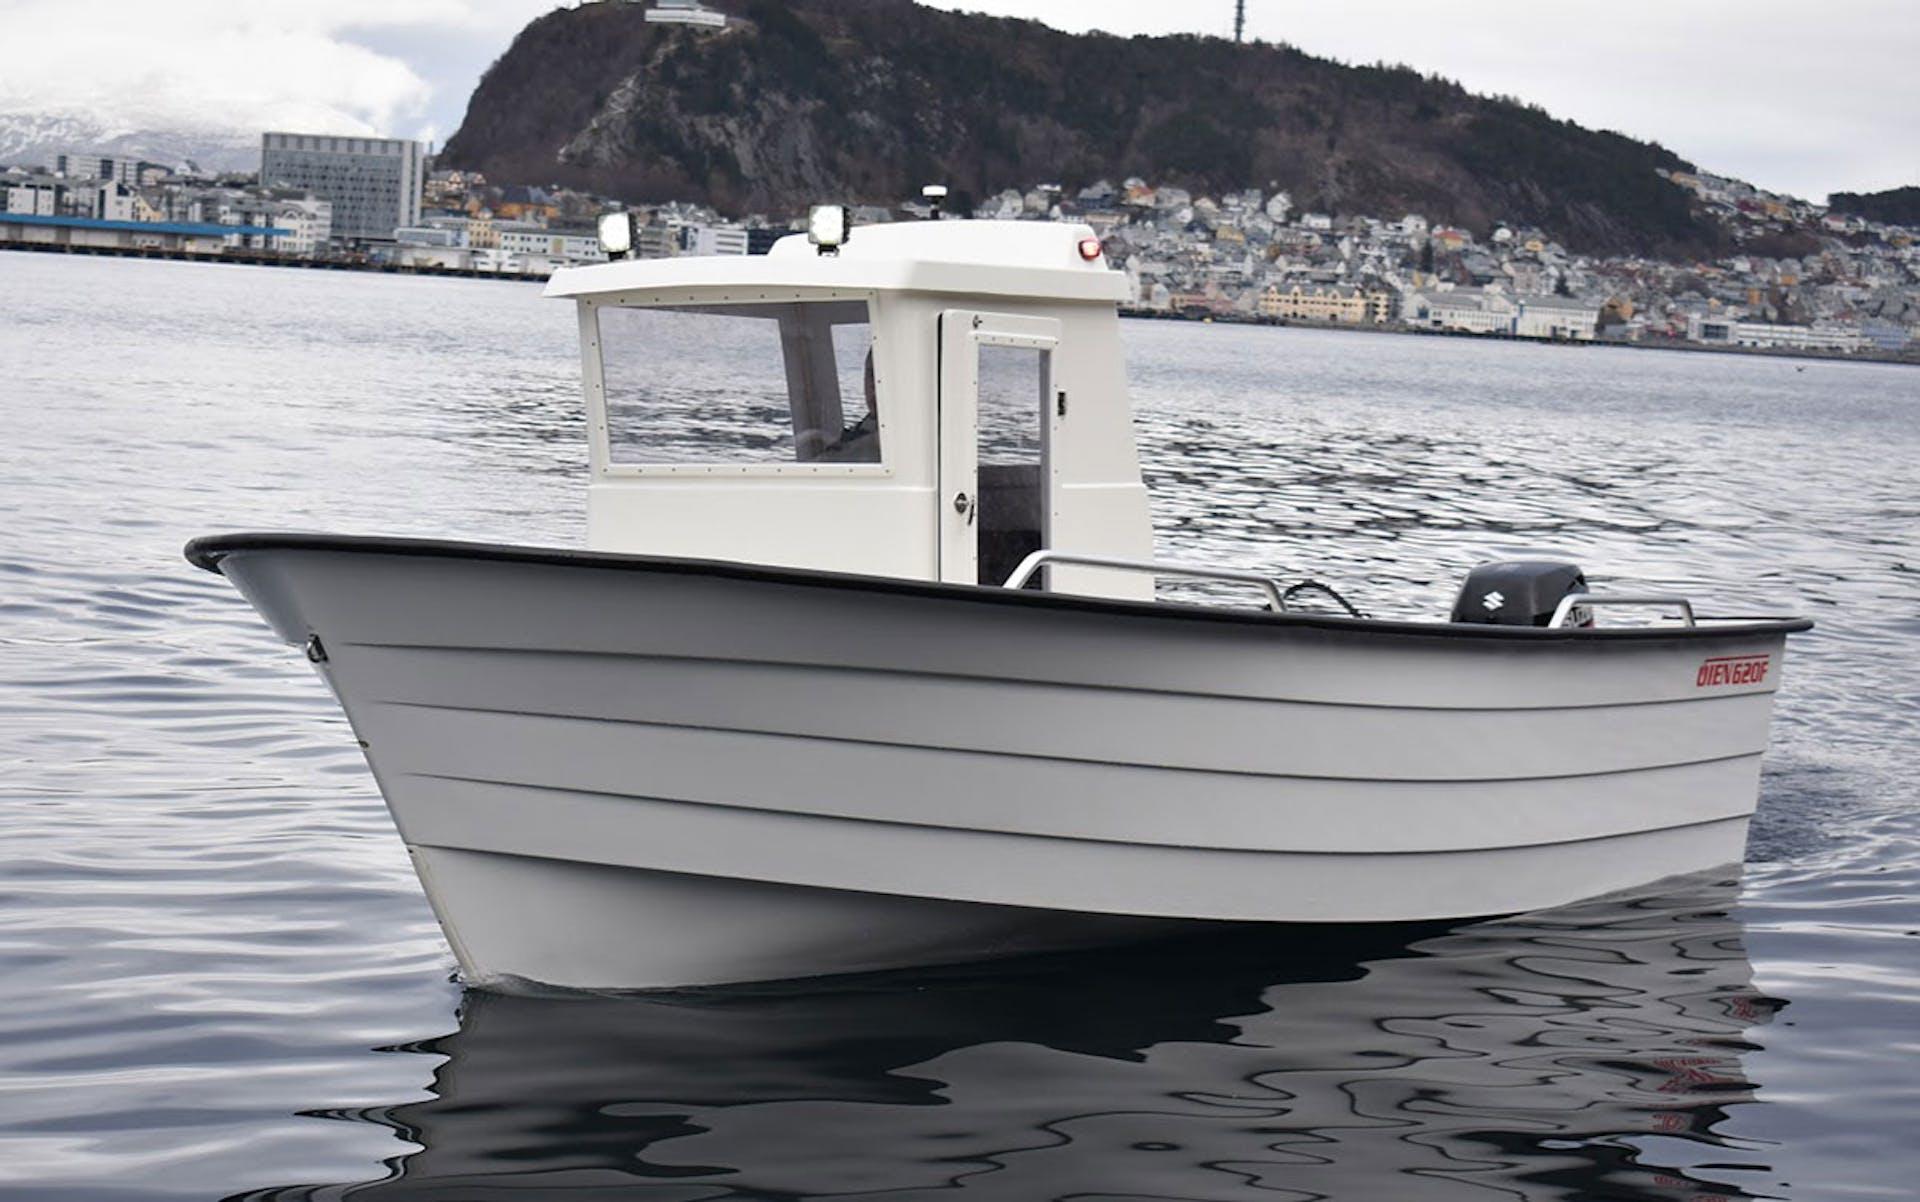 Øien_620Fhus-1